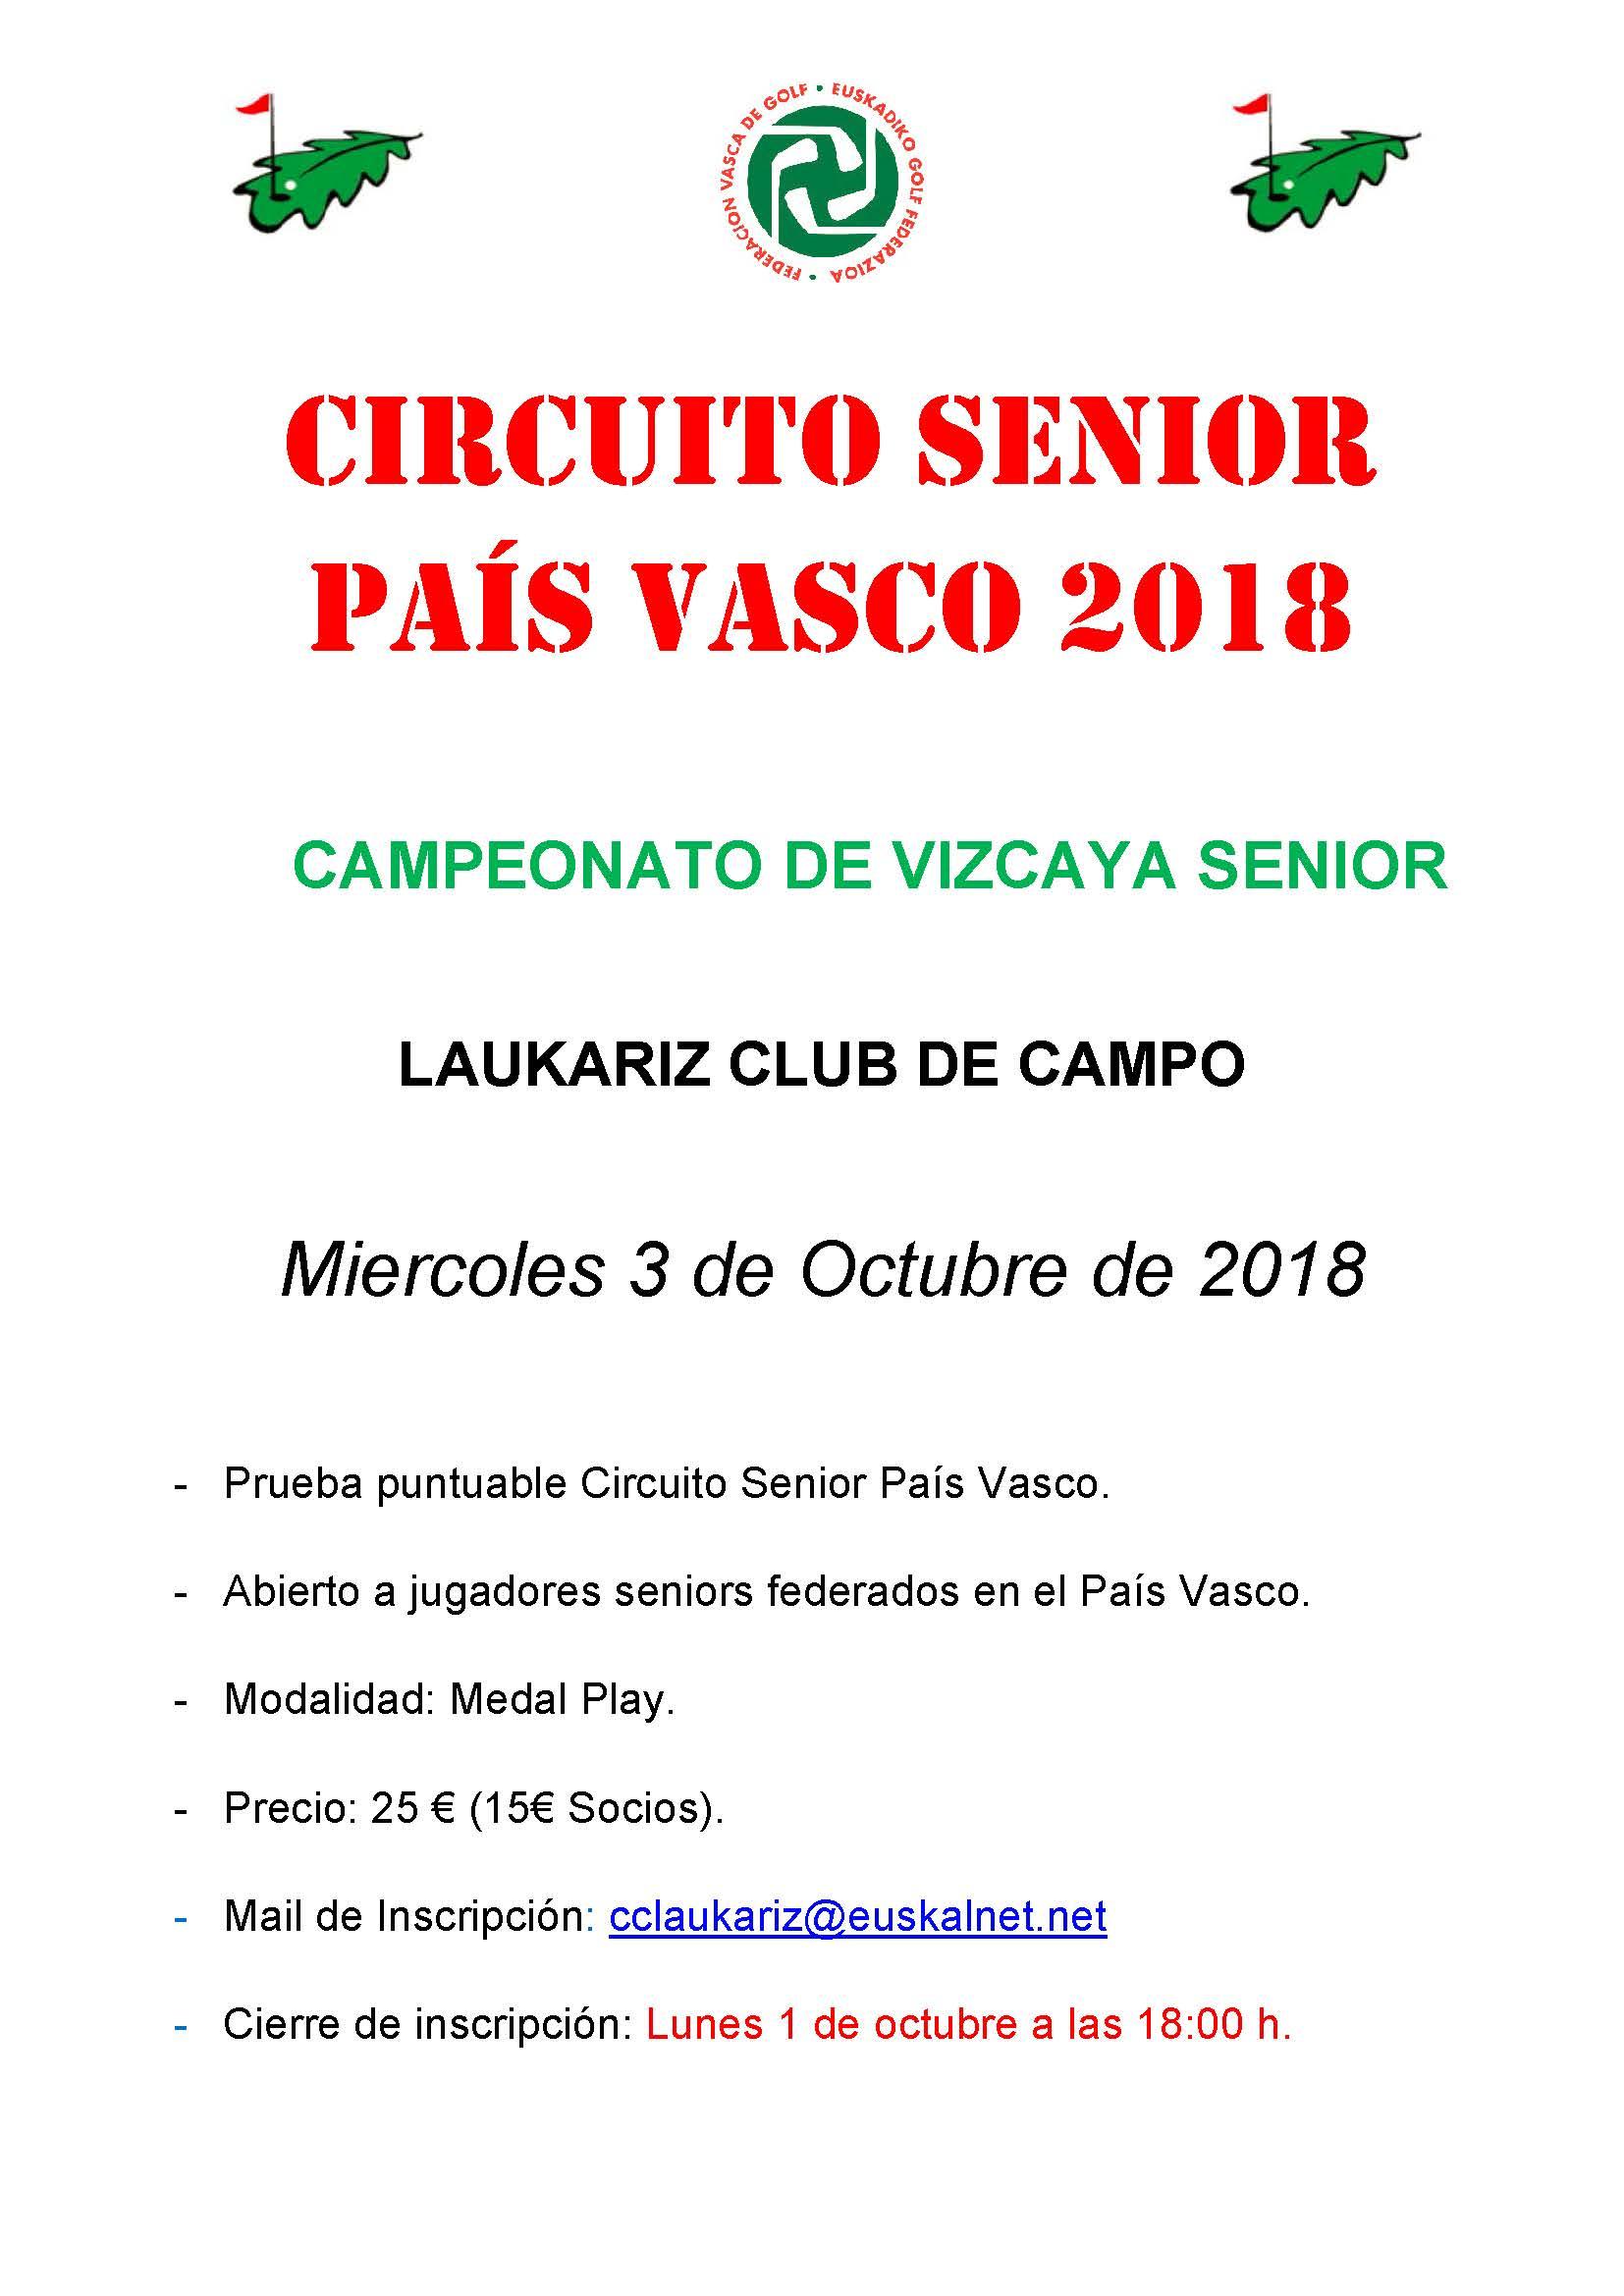 Circuito And : Circuito senior país vasco 2018 federación vasca de golf